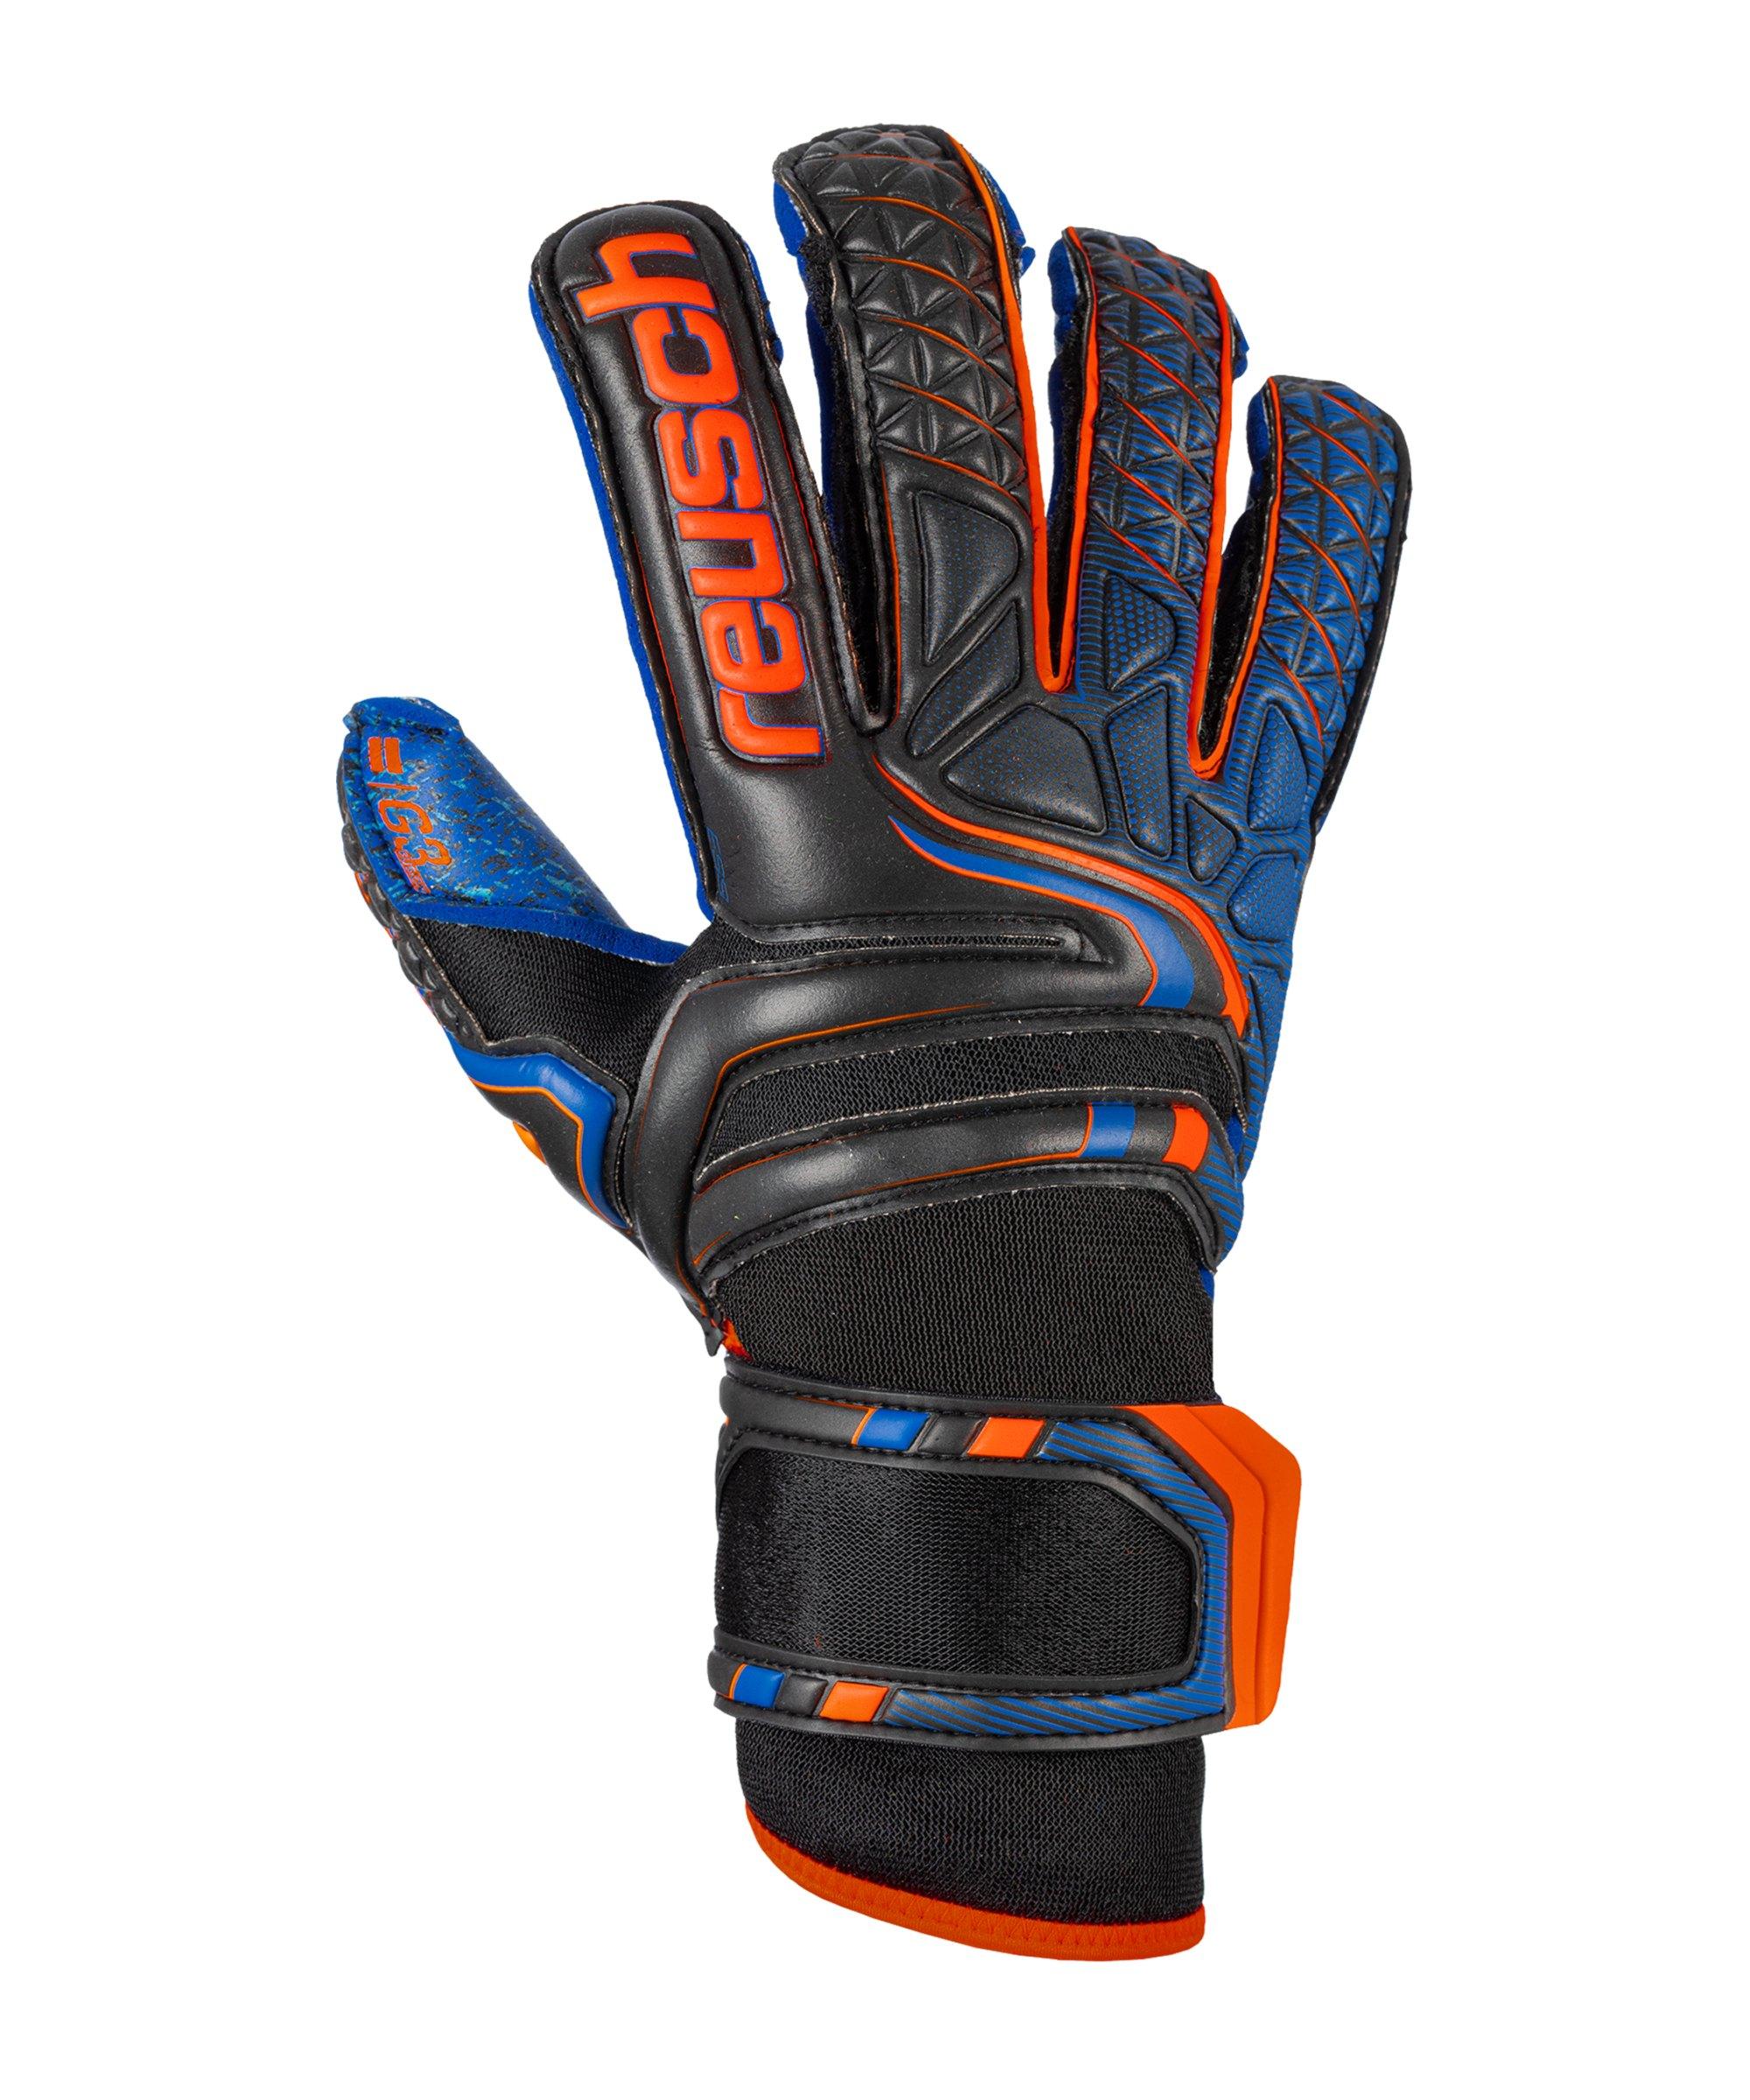 Reusch G3 Fusion Evolution TW-Handschuh F7083 - schwarz